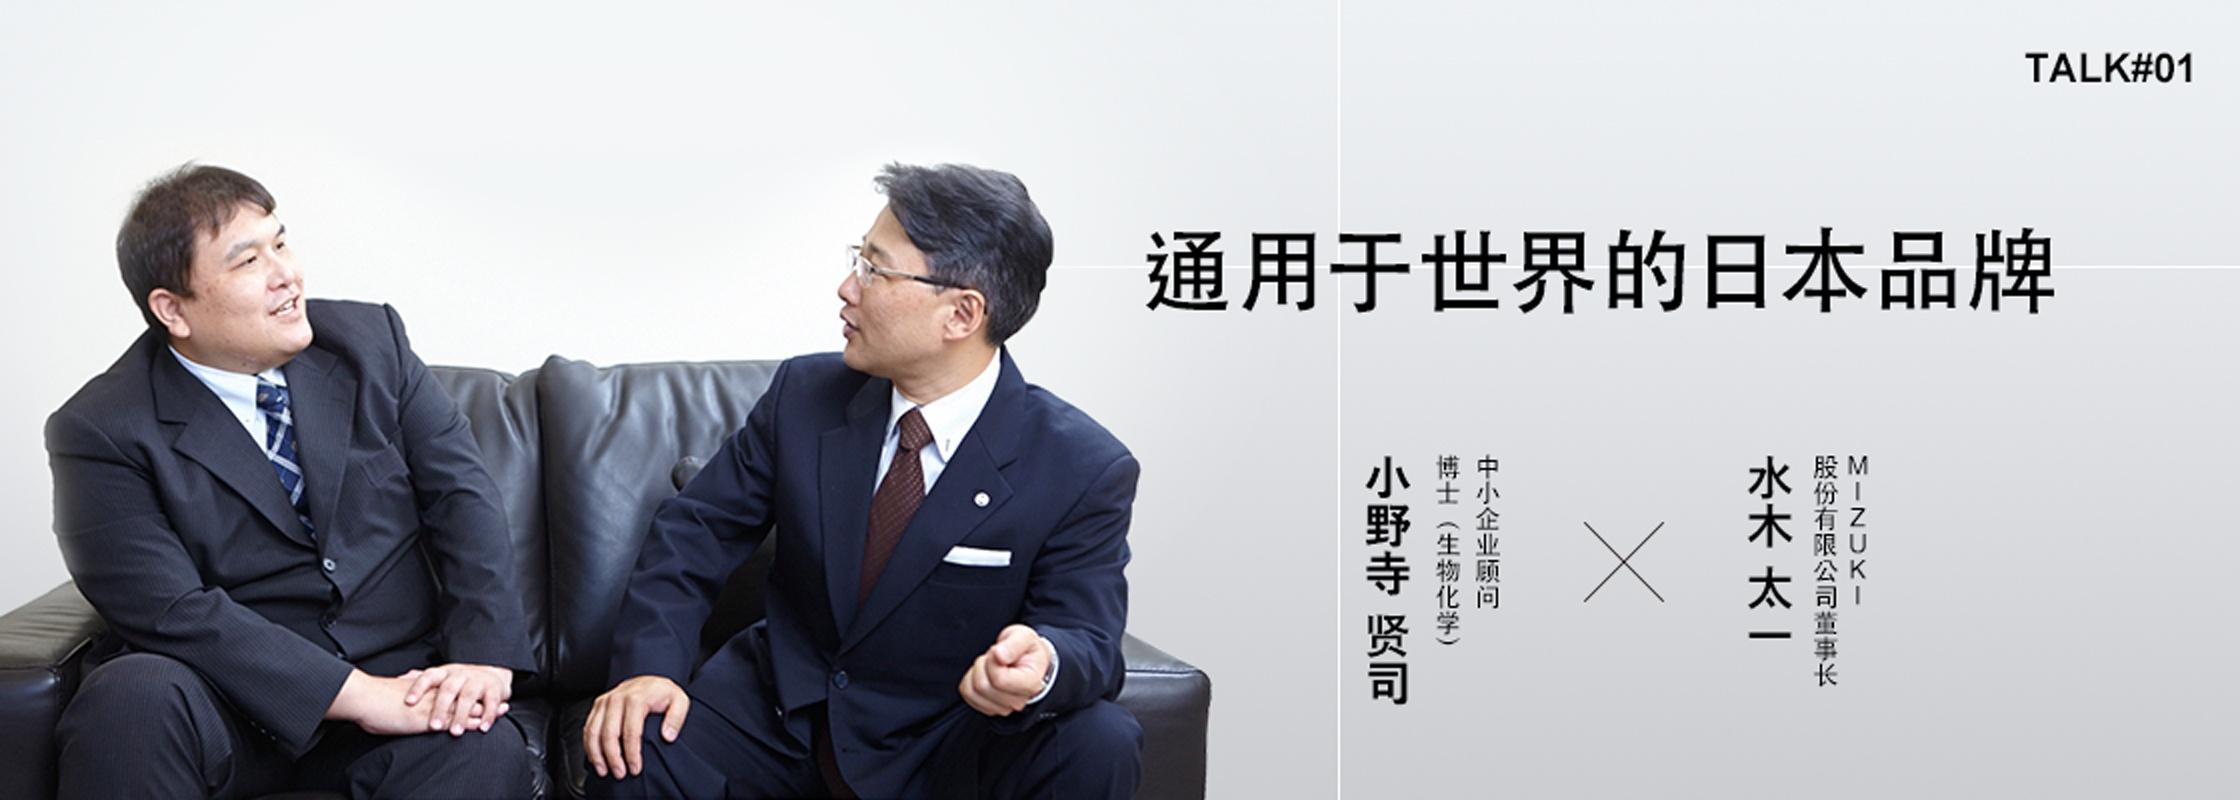 TALK#1 通用于世界的日本品牌 小野寺贤司 中小企业顾问博士(生物化学) × 水木太一 MIZUKI股份有限公司董事长